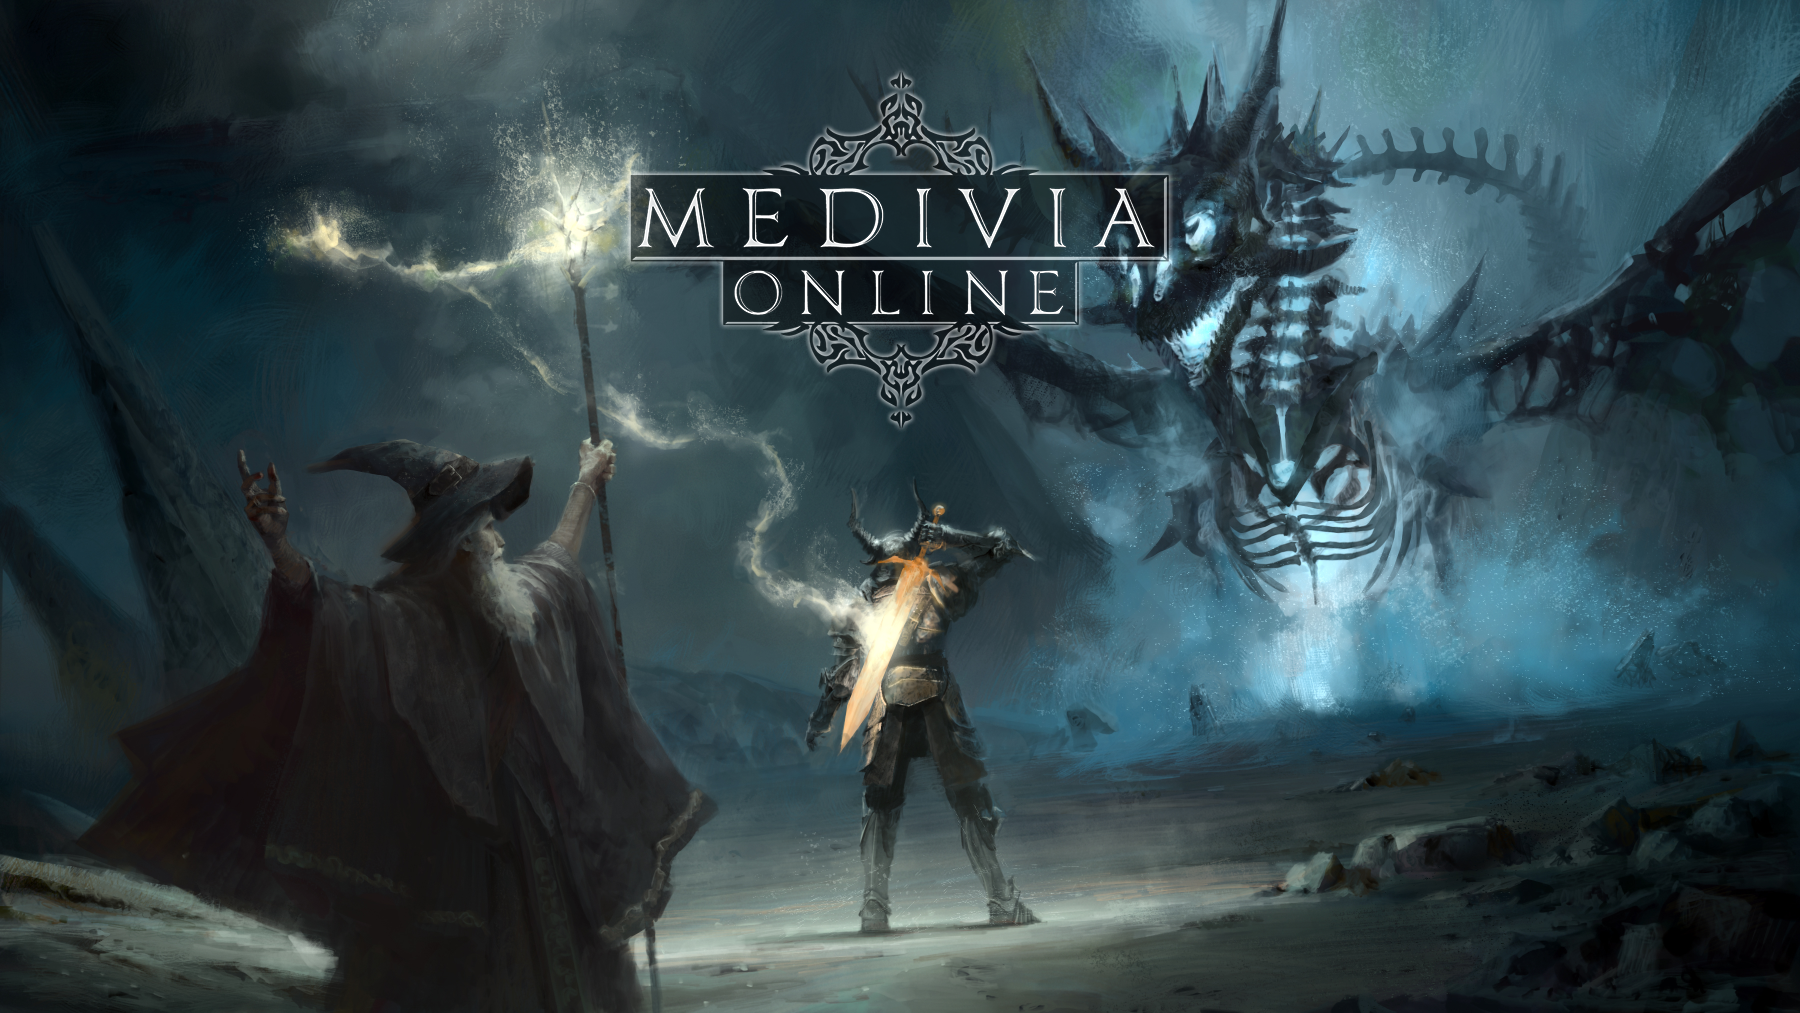 Medivia Online